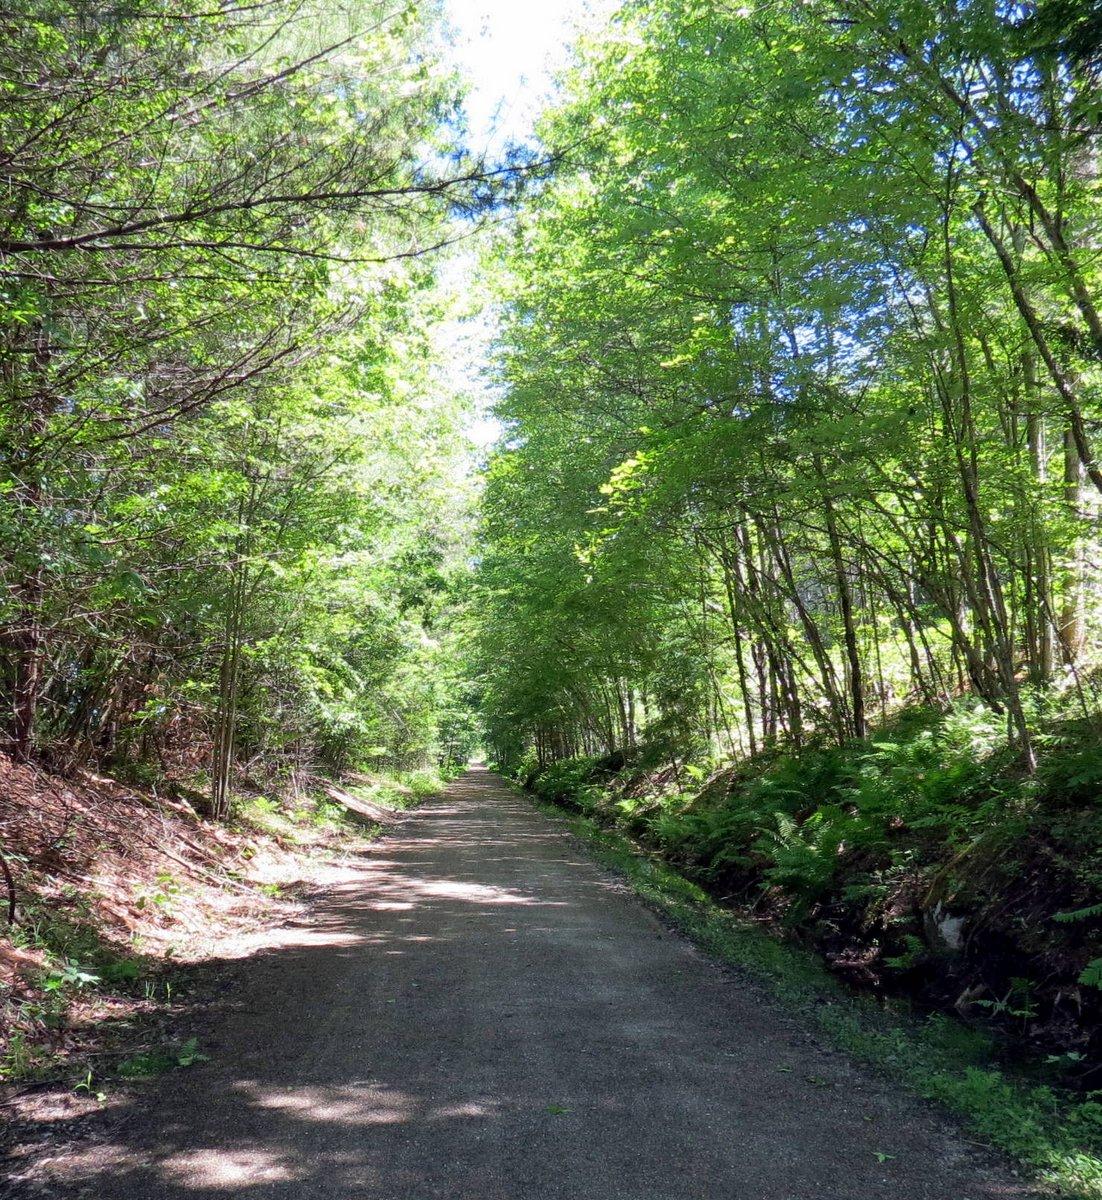 4. Rail Trail